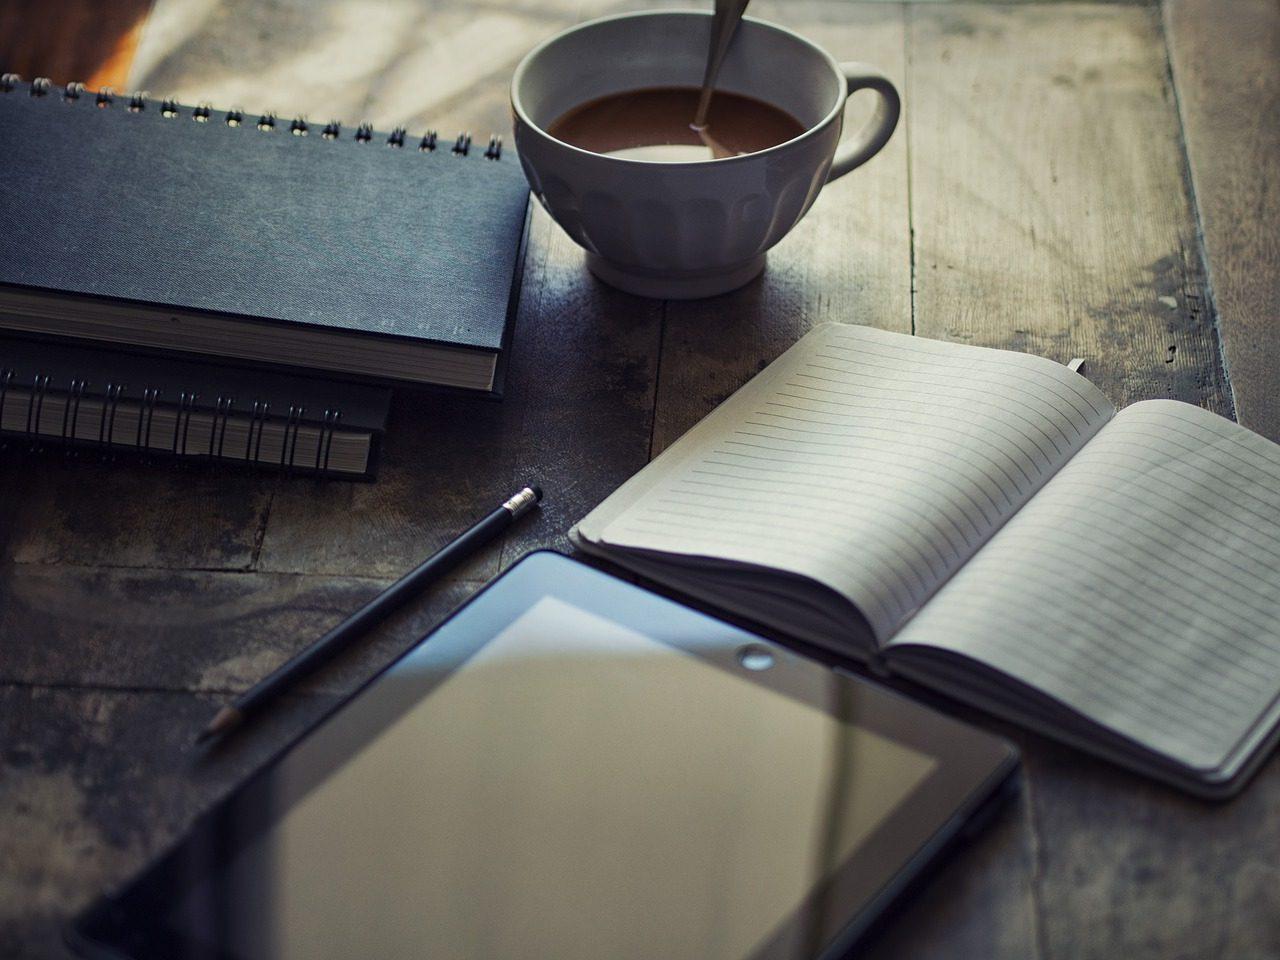 blog post topics